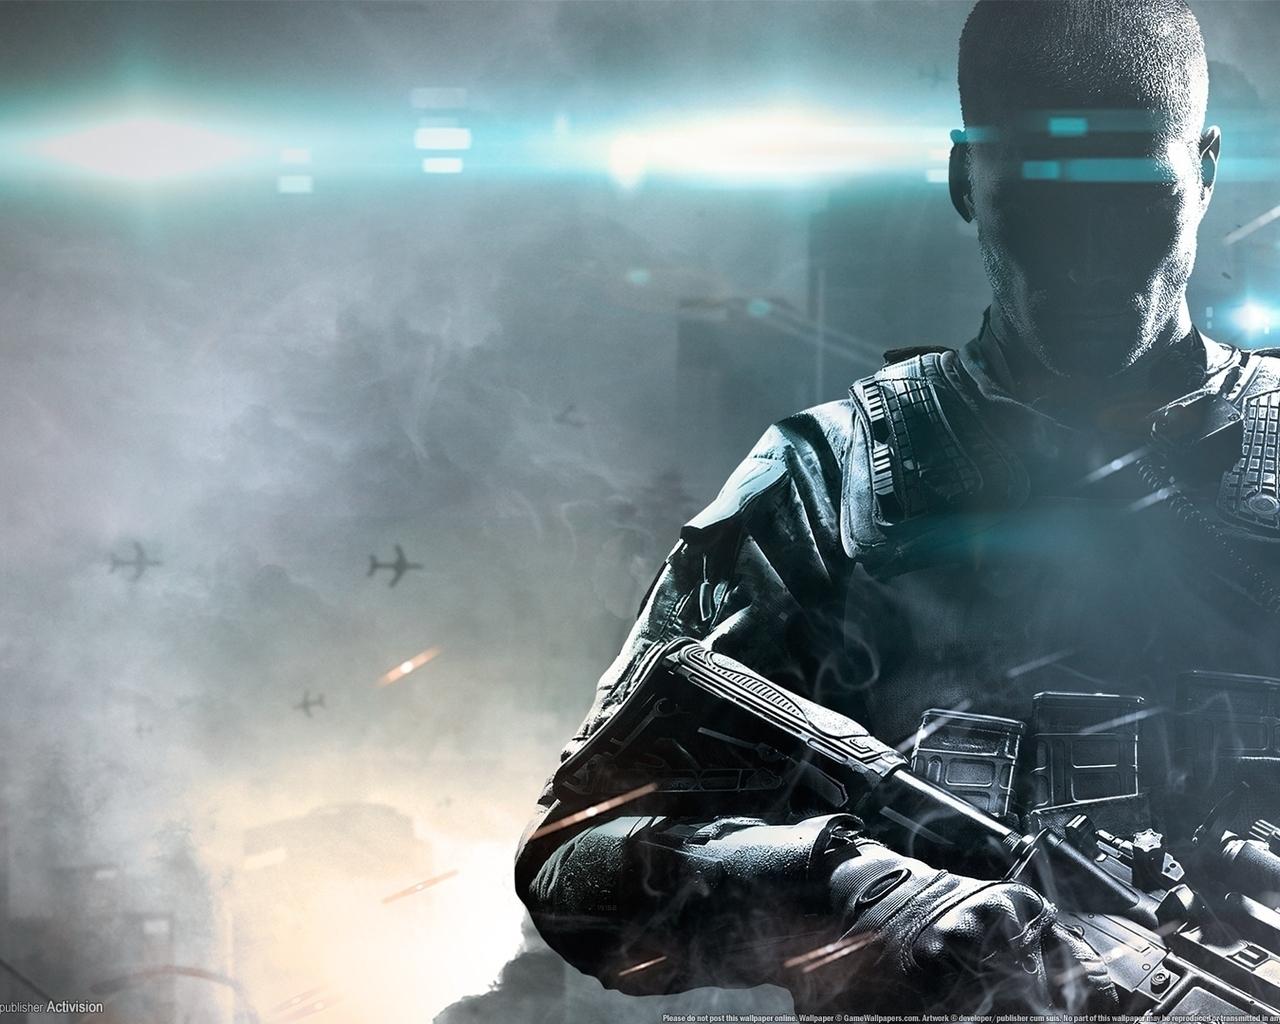 17896 Hintergrundbild herunterladen Spiele, Call Of Duty (Cod) - Bildschirmschoner und Bilder kostenlos